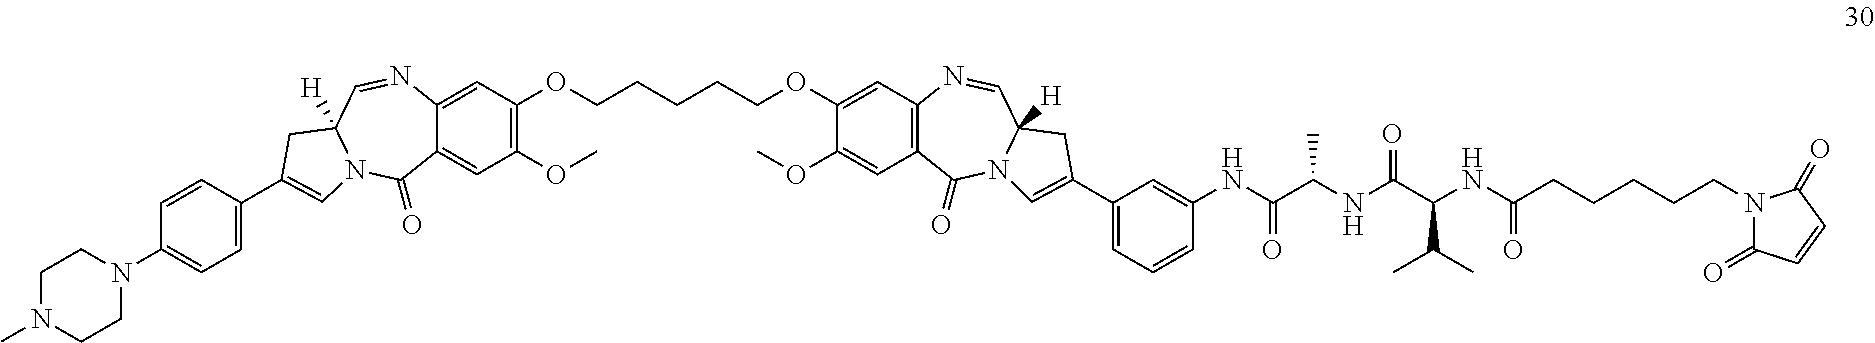 Figure US20150273078A1-20151001-C00023